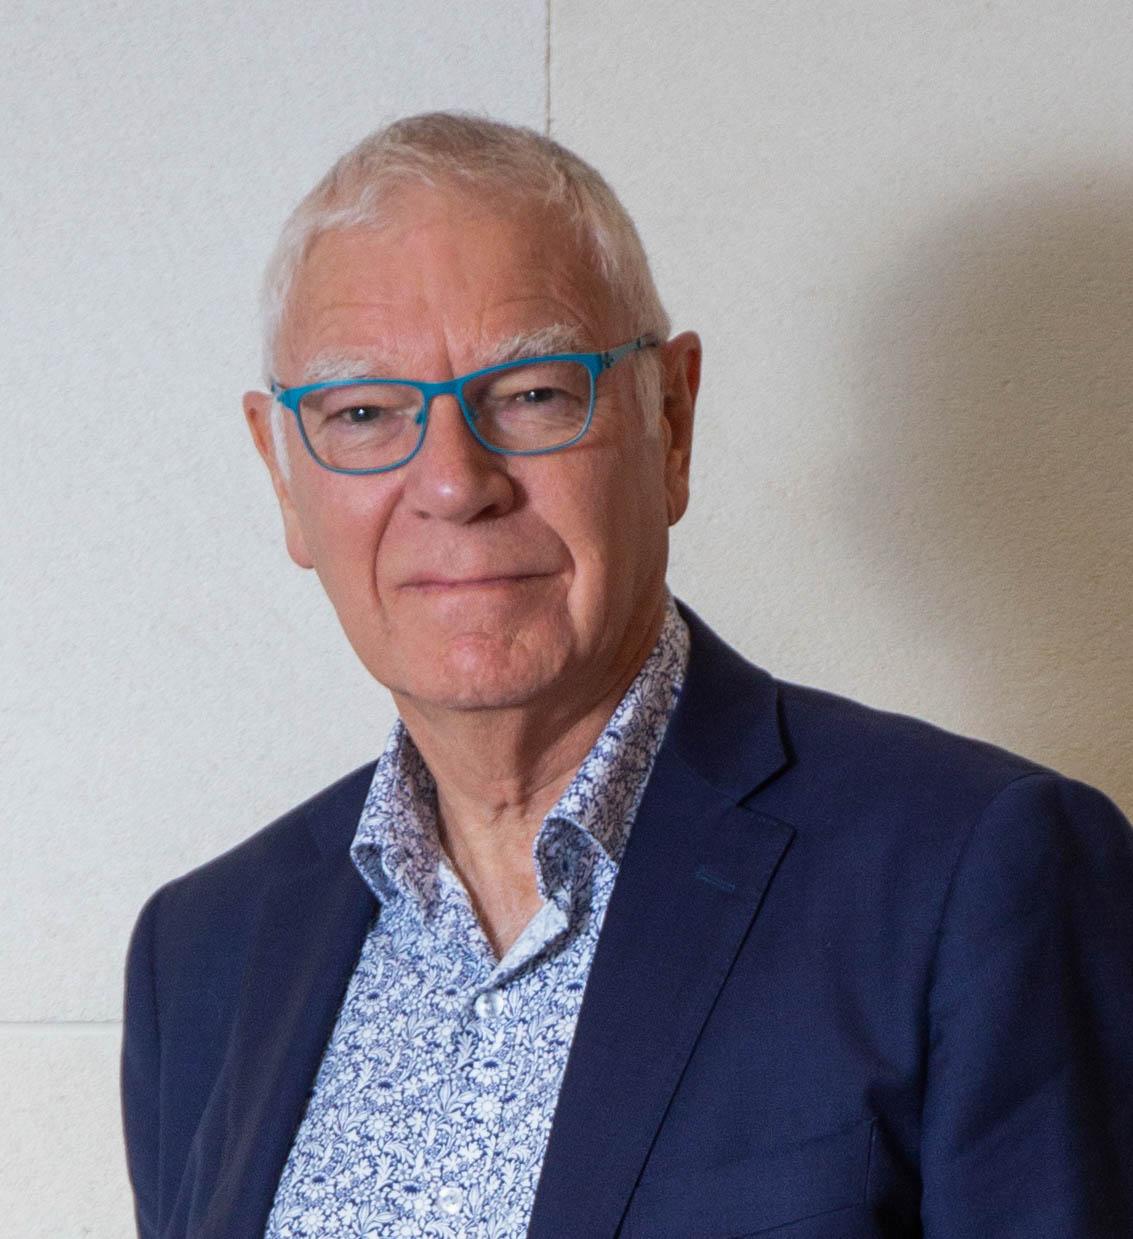 Geoff Pearlman